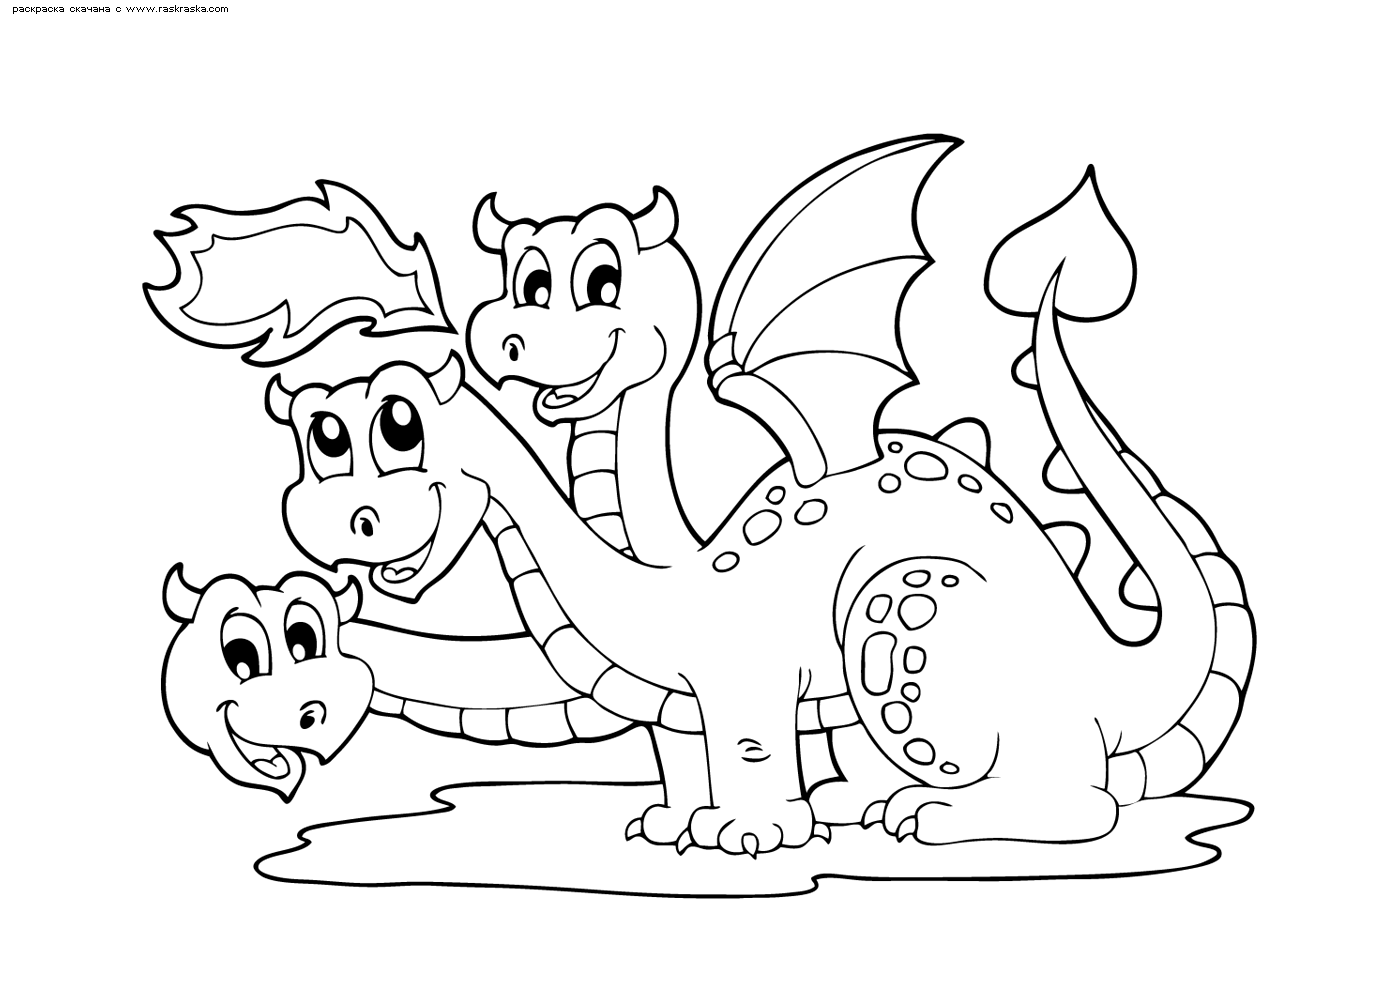 Раскраска Трехголовый дракон. Раскраска дракон, змей горыныч